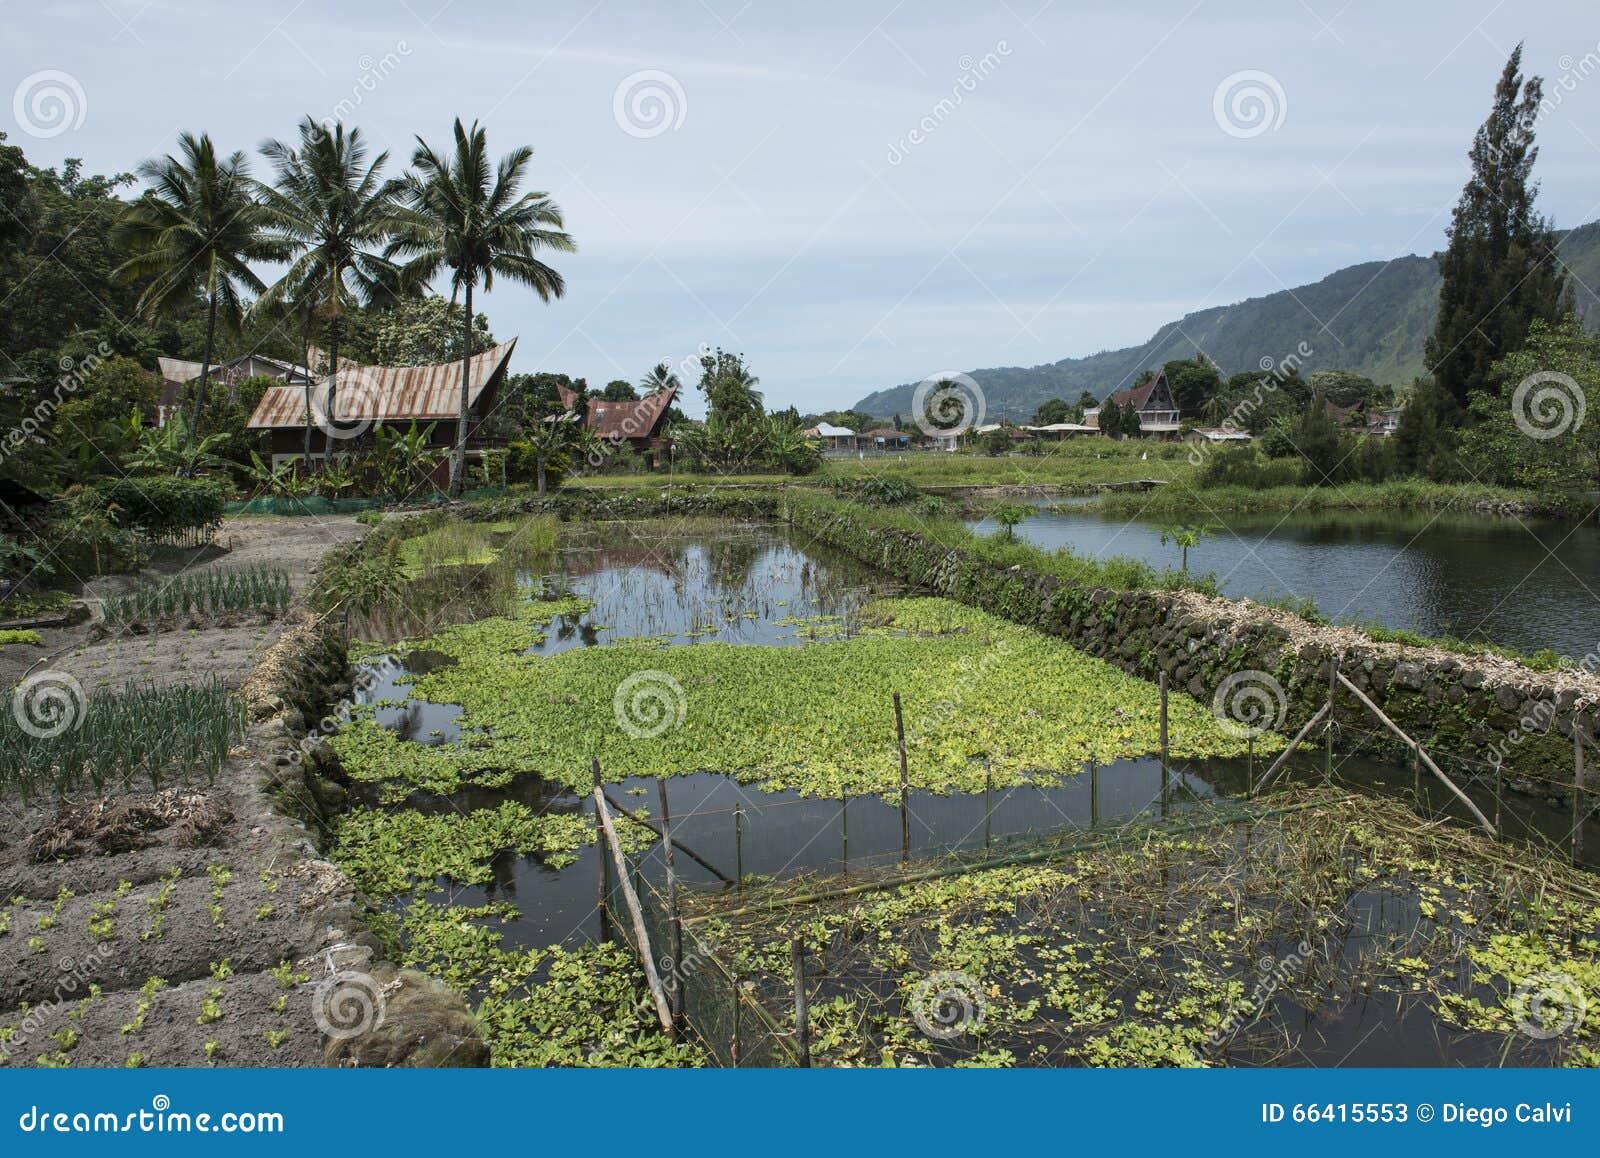 Rice fields at Toba Lake, Sumatra